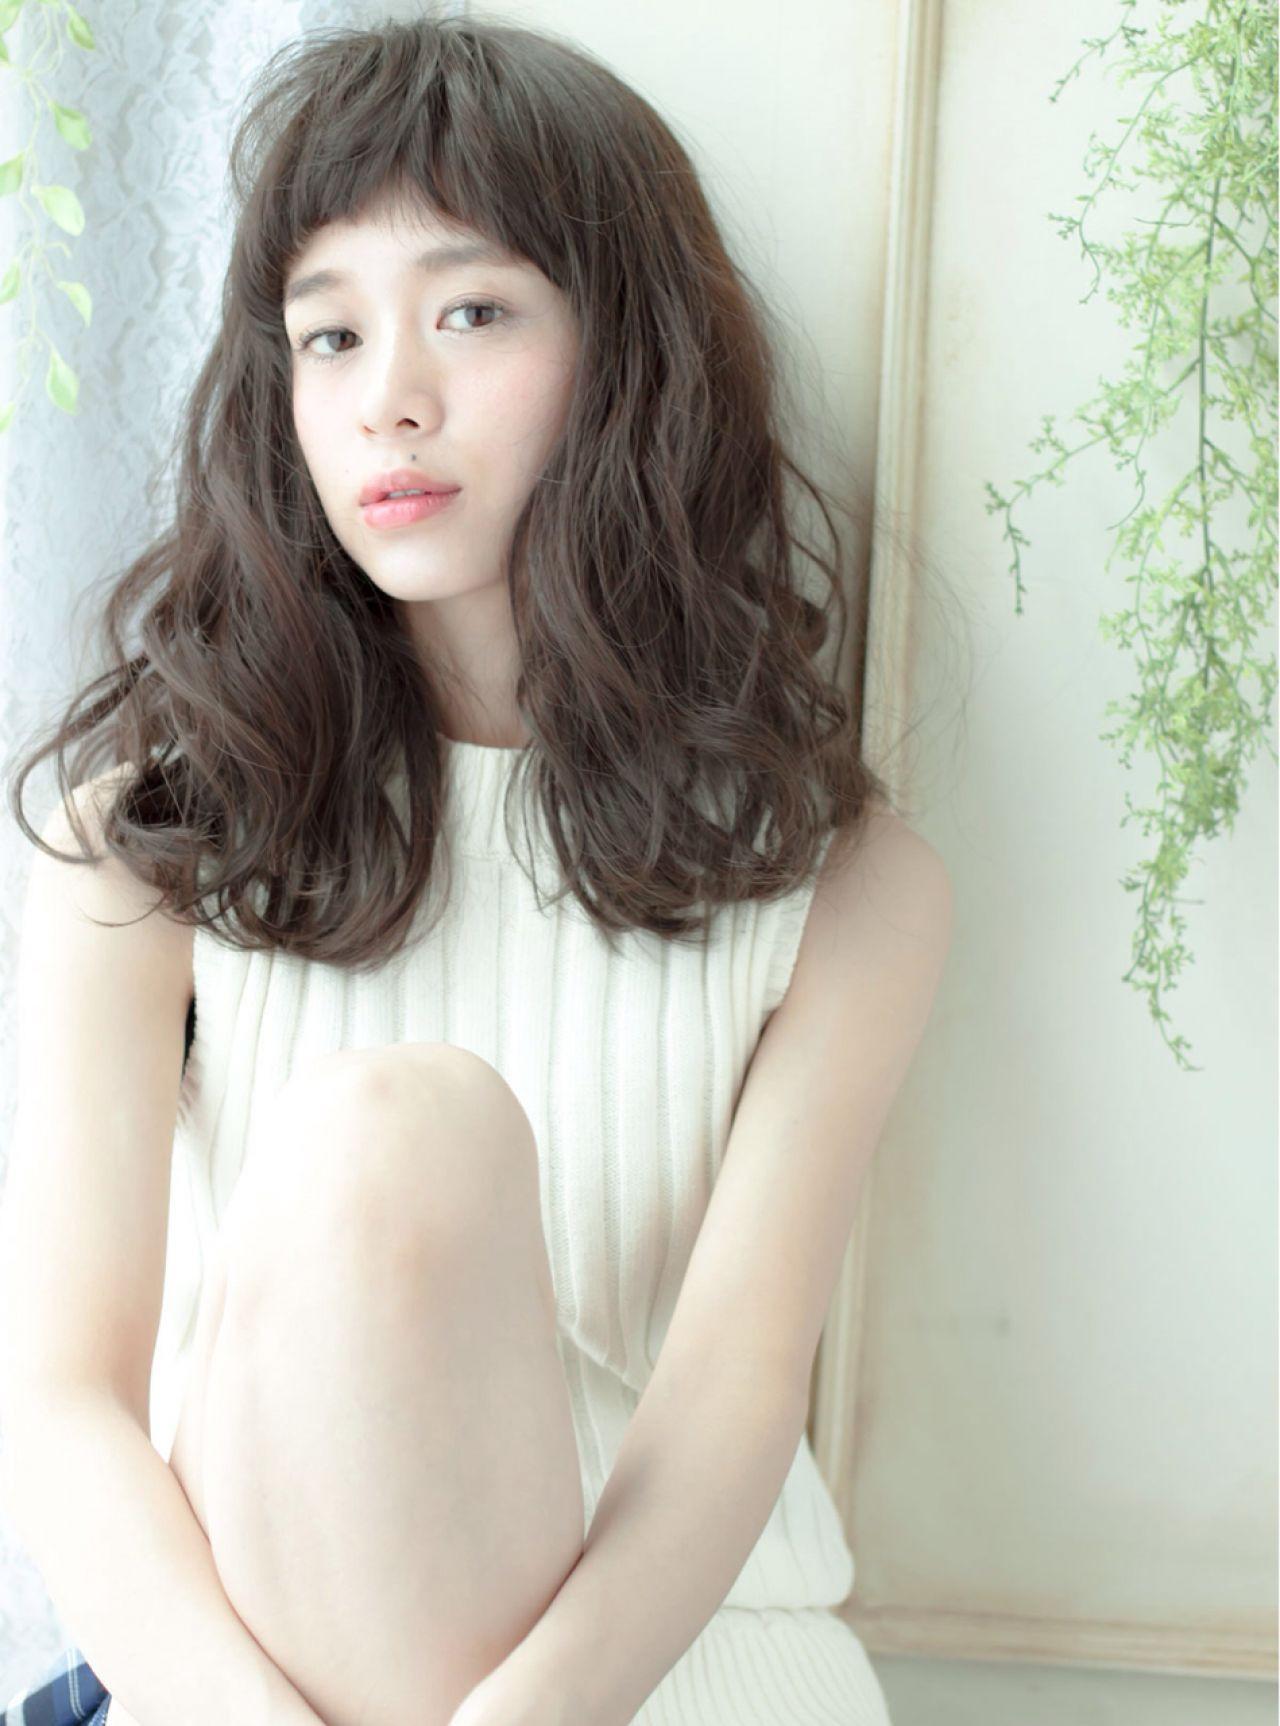 ロング 外国人風 春 モテ髪 ヘアスタイルや髪型の写真・画像